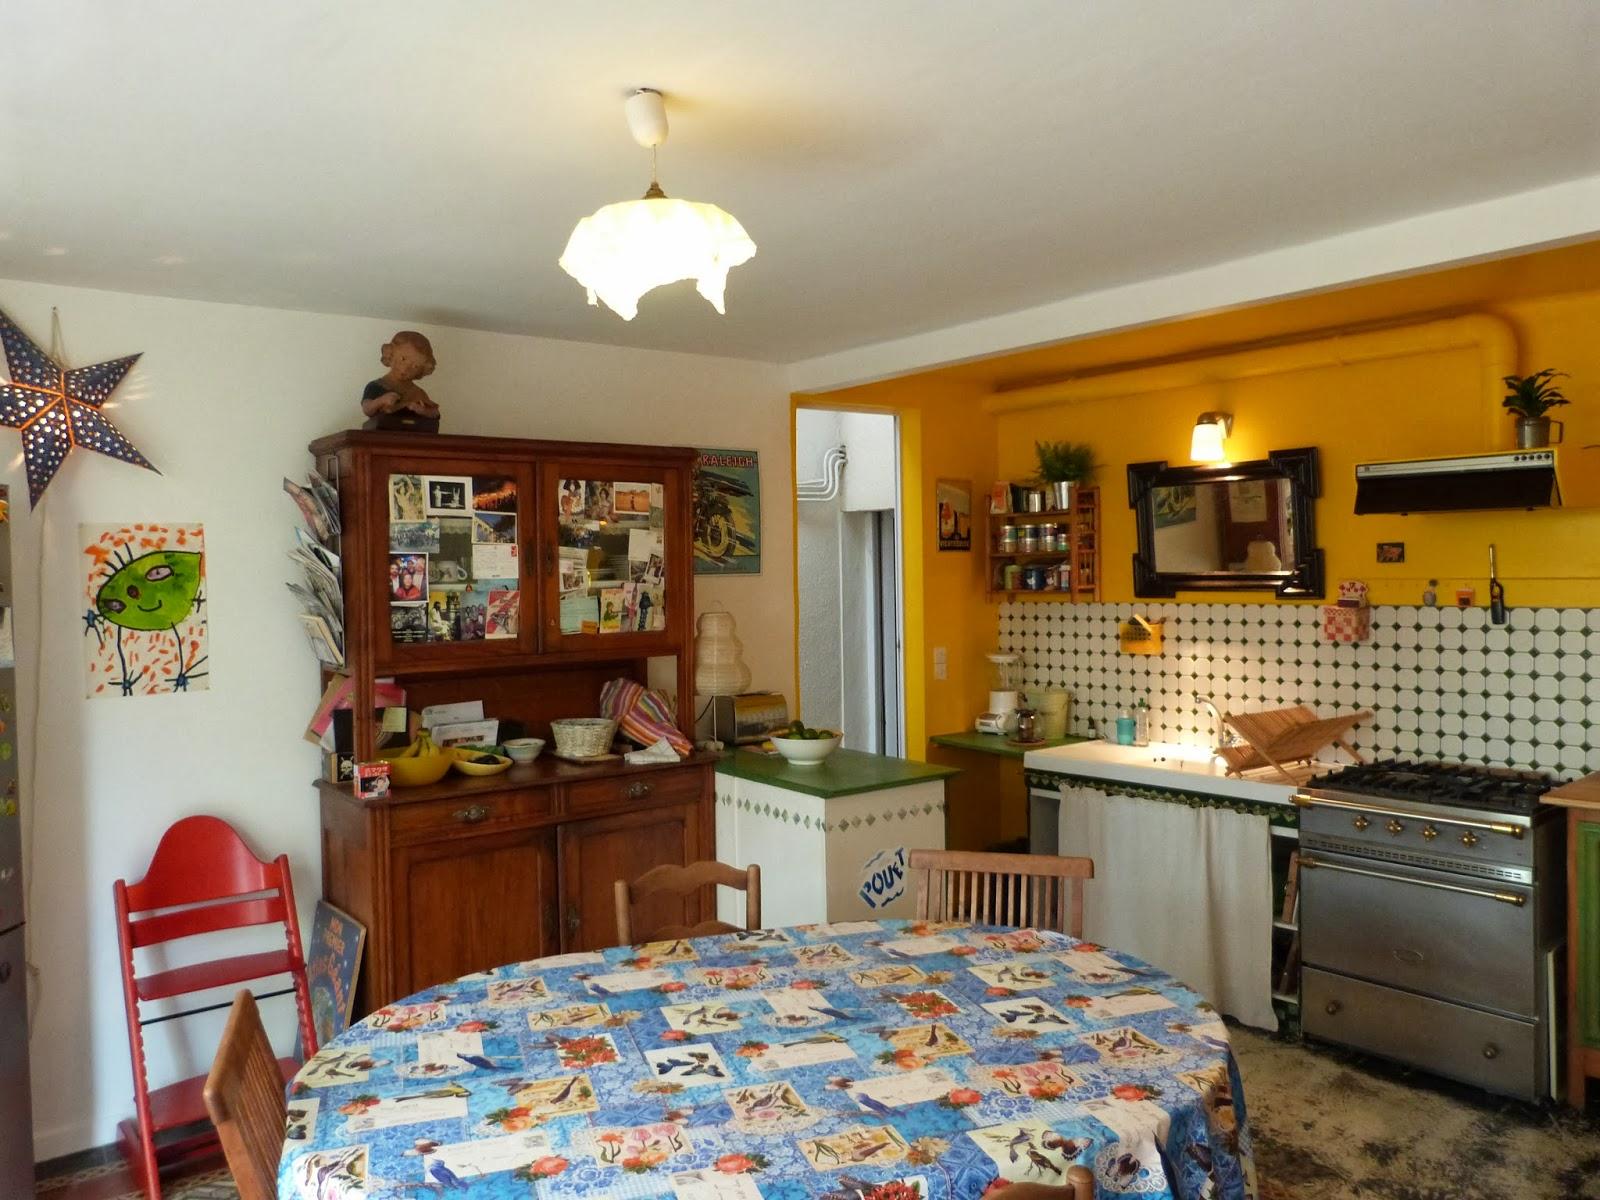 Fanny le gall d coration du soleil dans la cuisine - Du soleil dans la cuisine ...